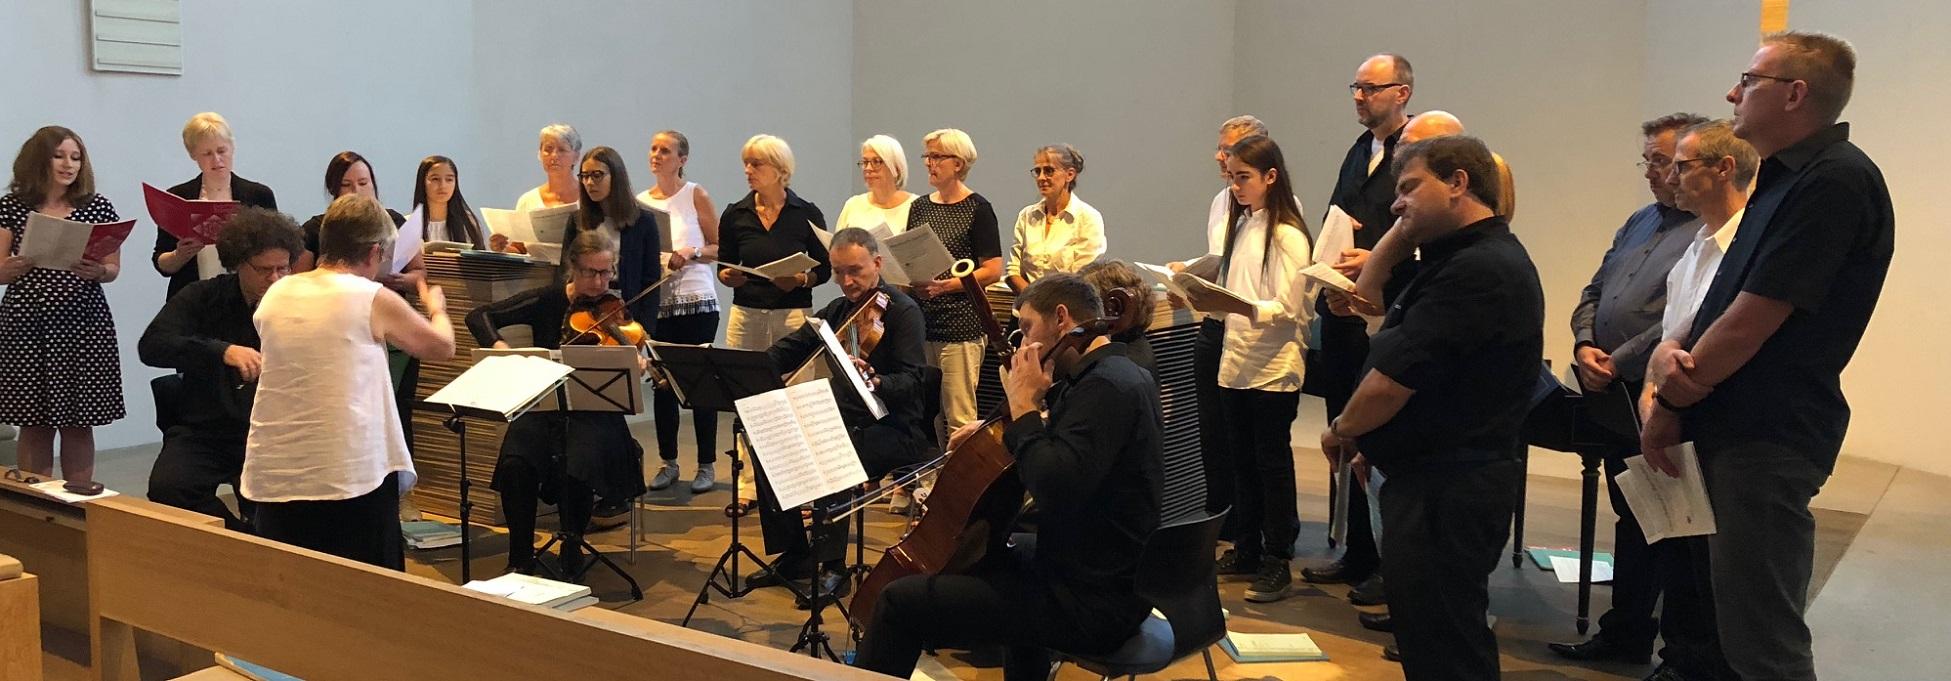 VaM - Der Friede sei mit dir - Konzert am 7. Juli 2018 in der Grabeskirche Liebfrauen